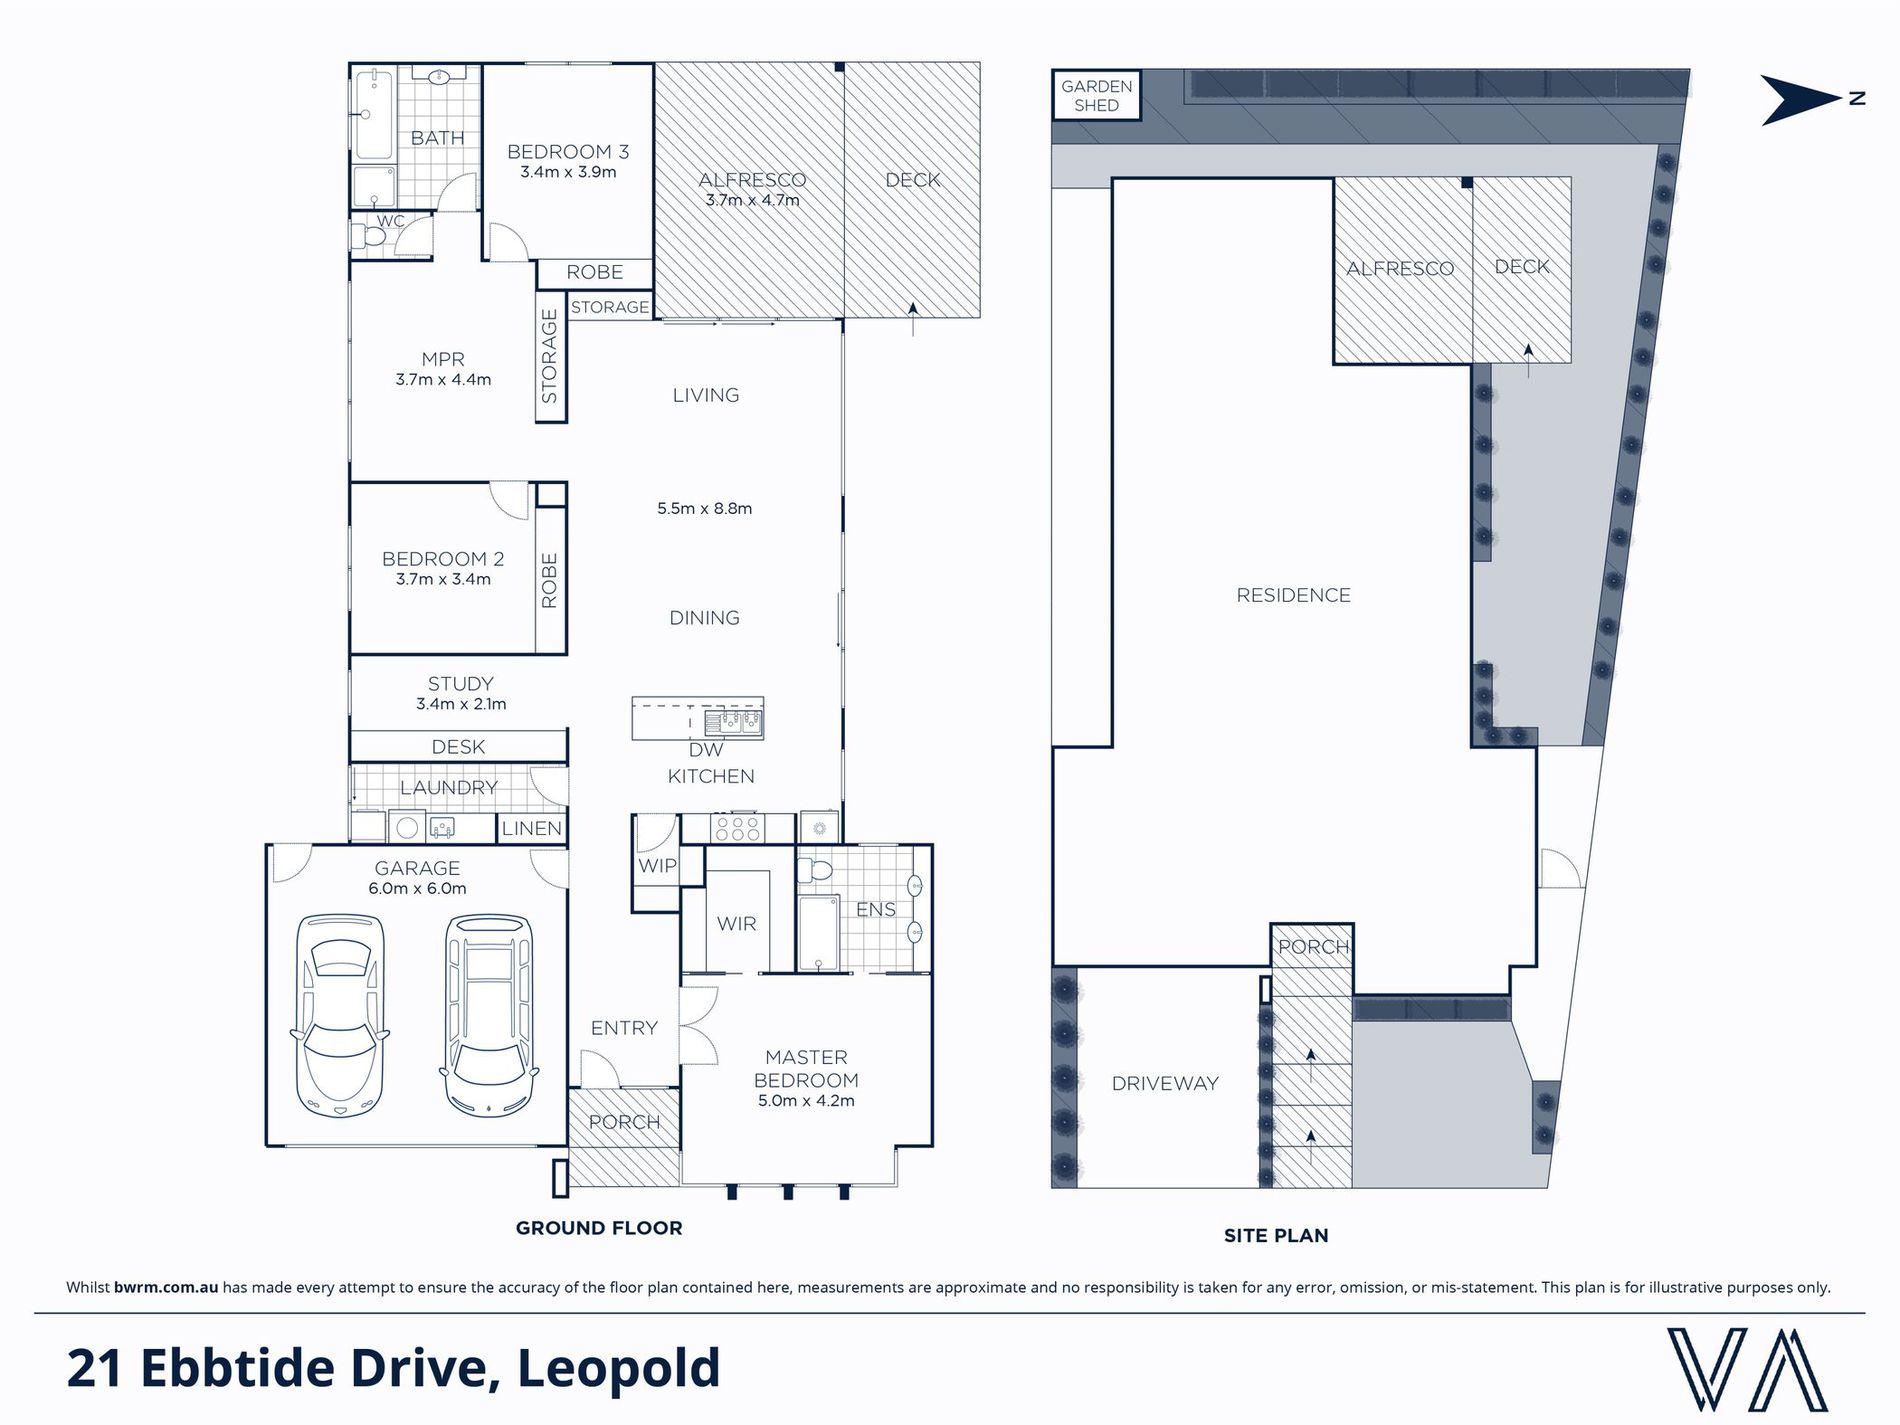 21 Ebbtide Drive, Leopold